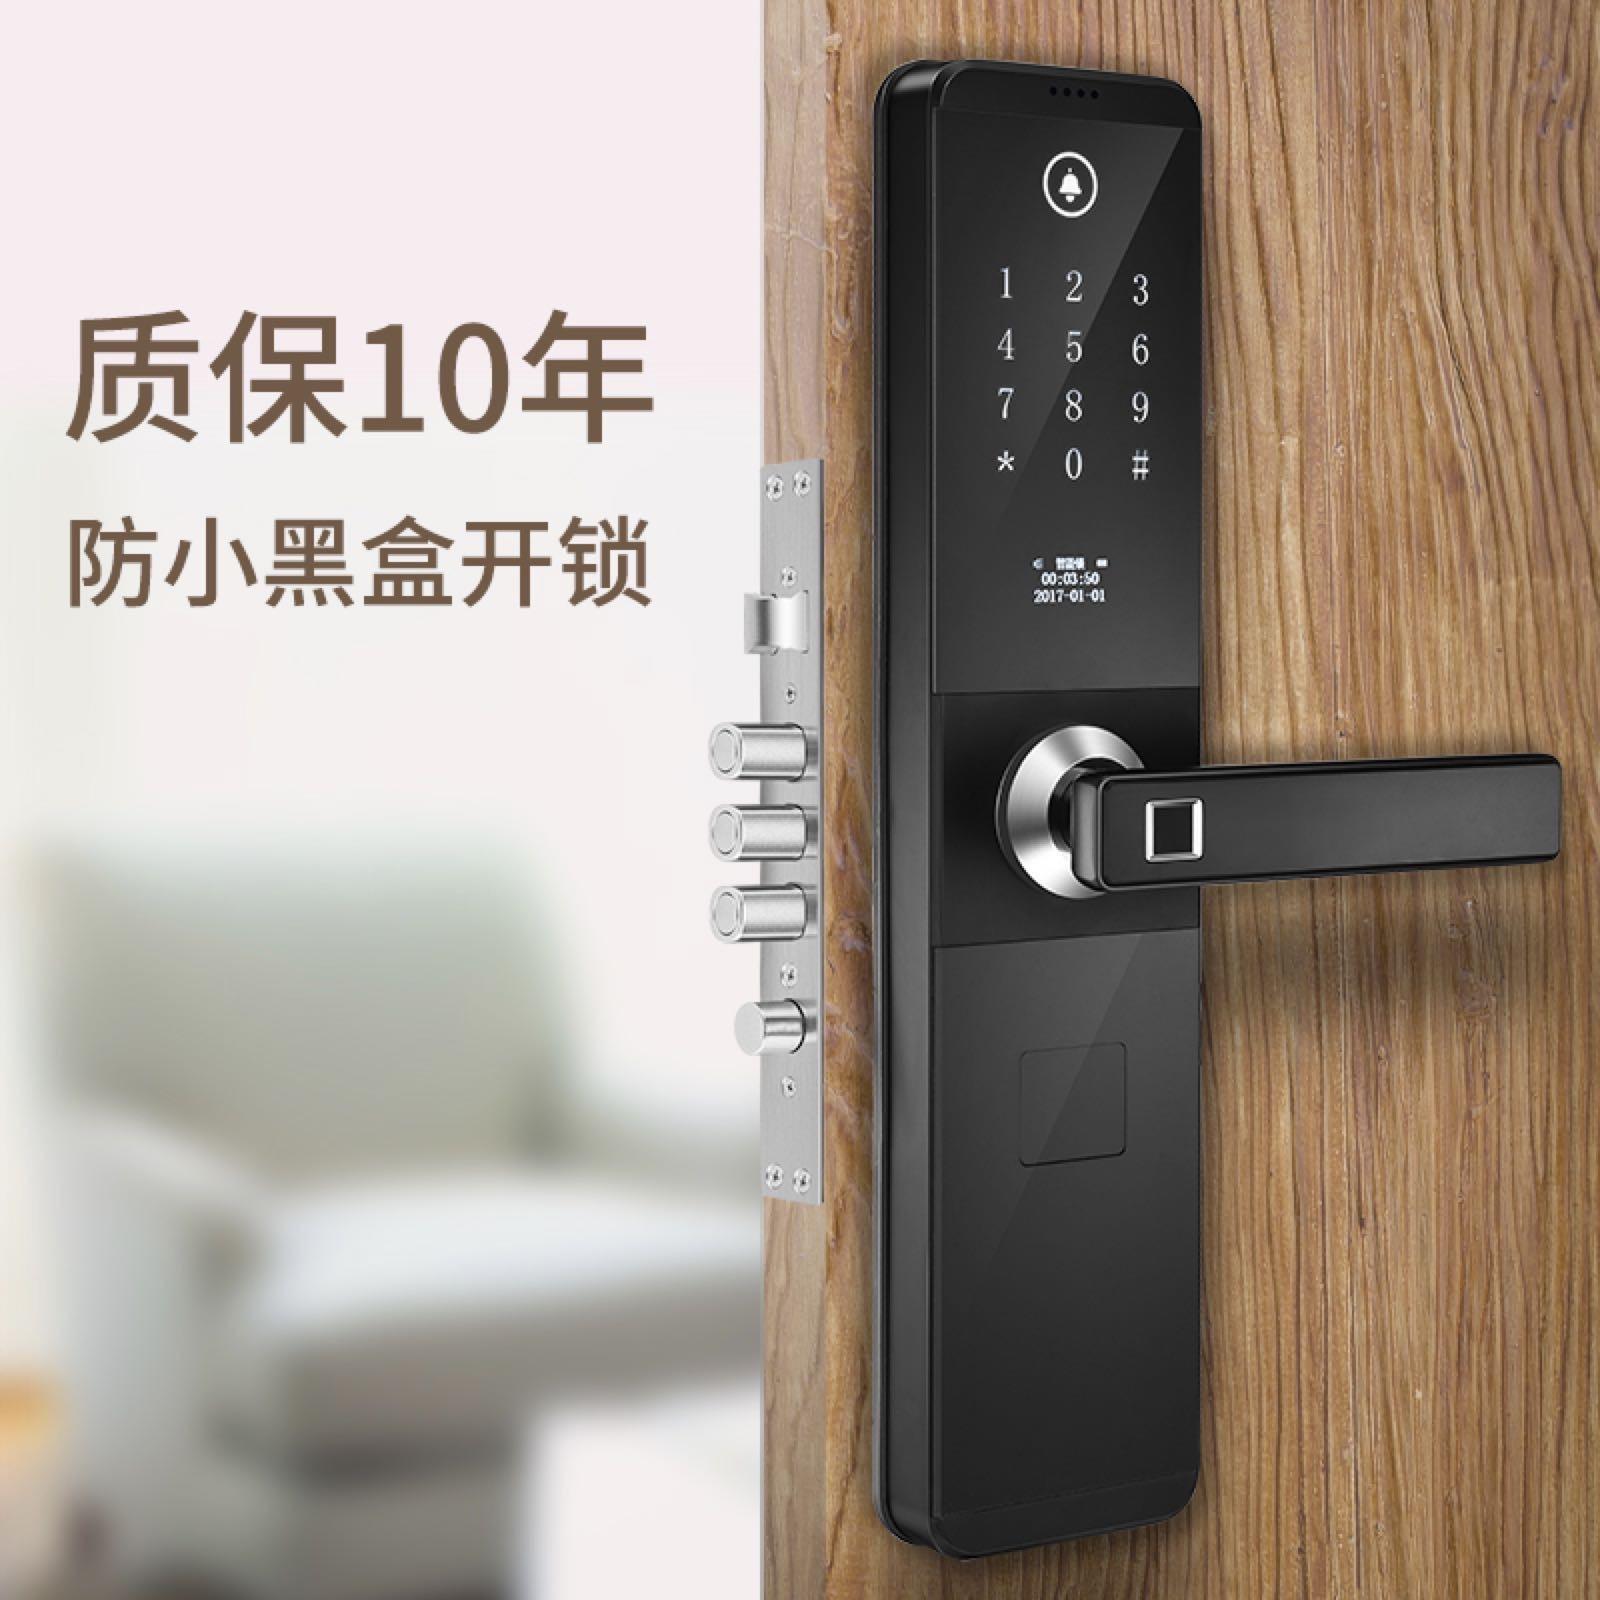 凌仕指纹锁防盗门家用密码锁大门智能电子锁刷卡锁磁自动卡感应锁